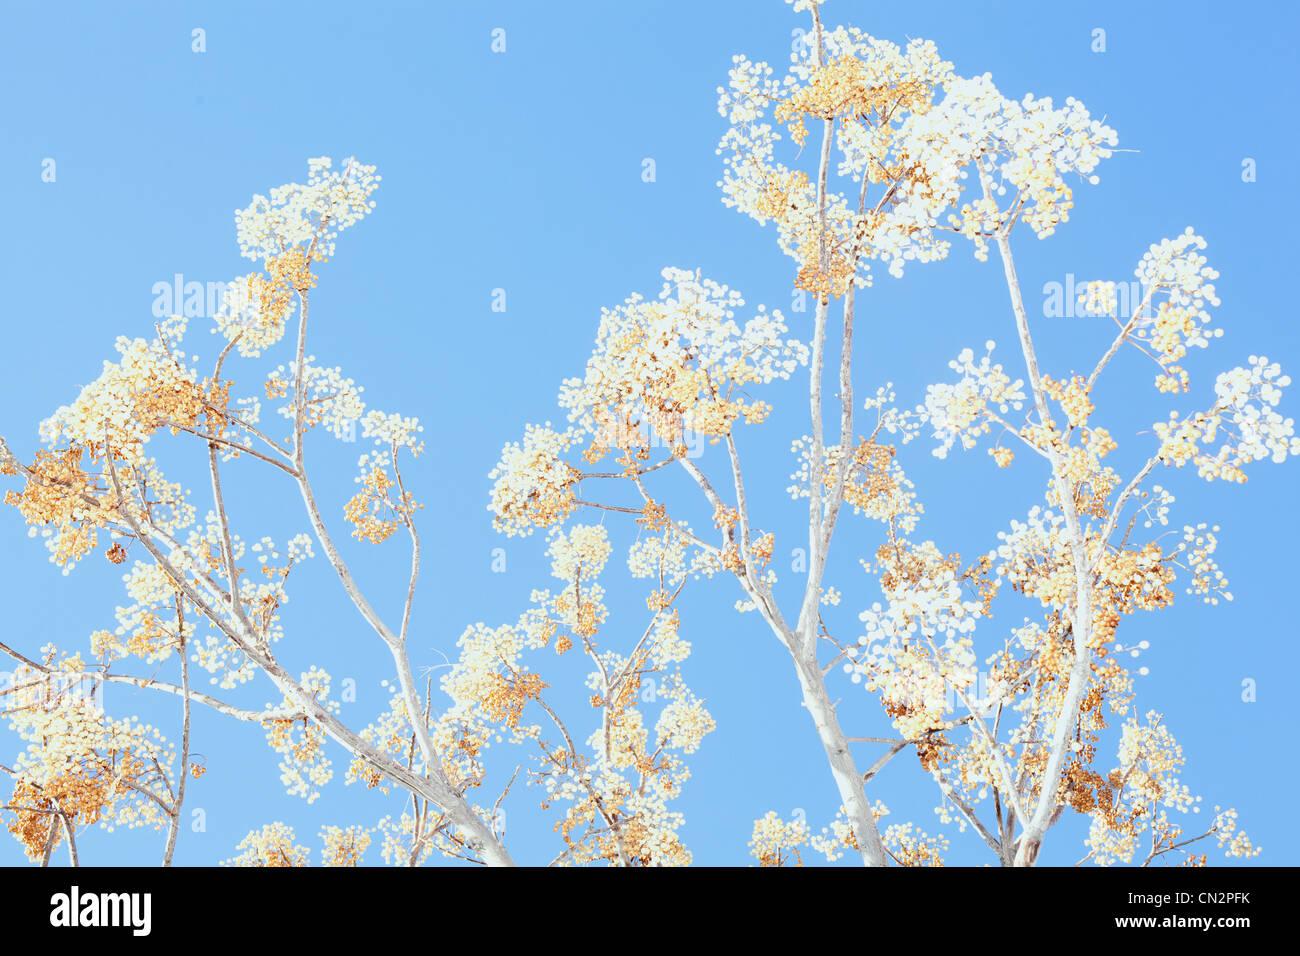 Impianto contro il cielo blu chiaro Immagini Stock